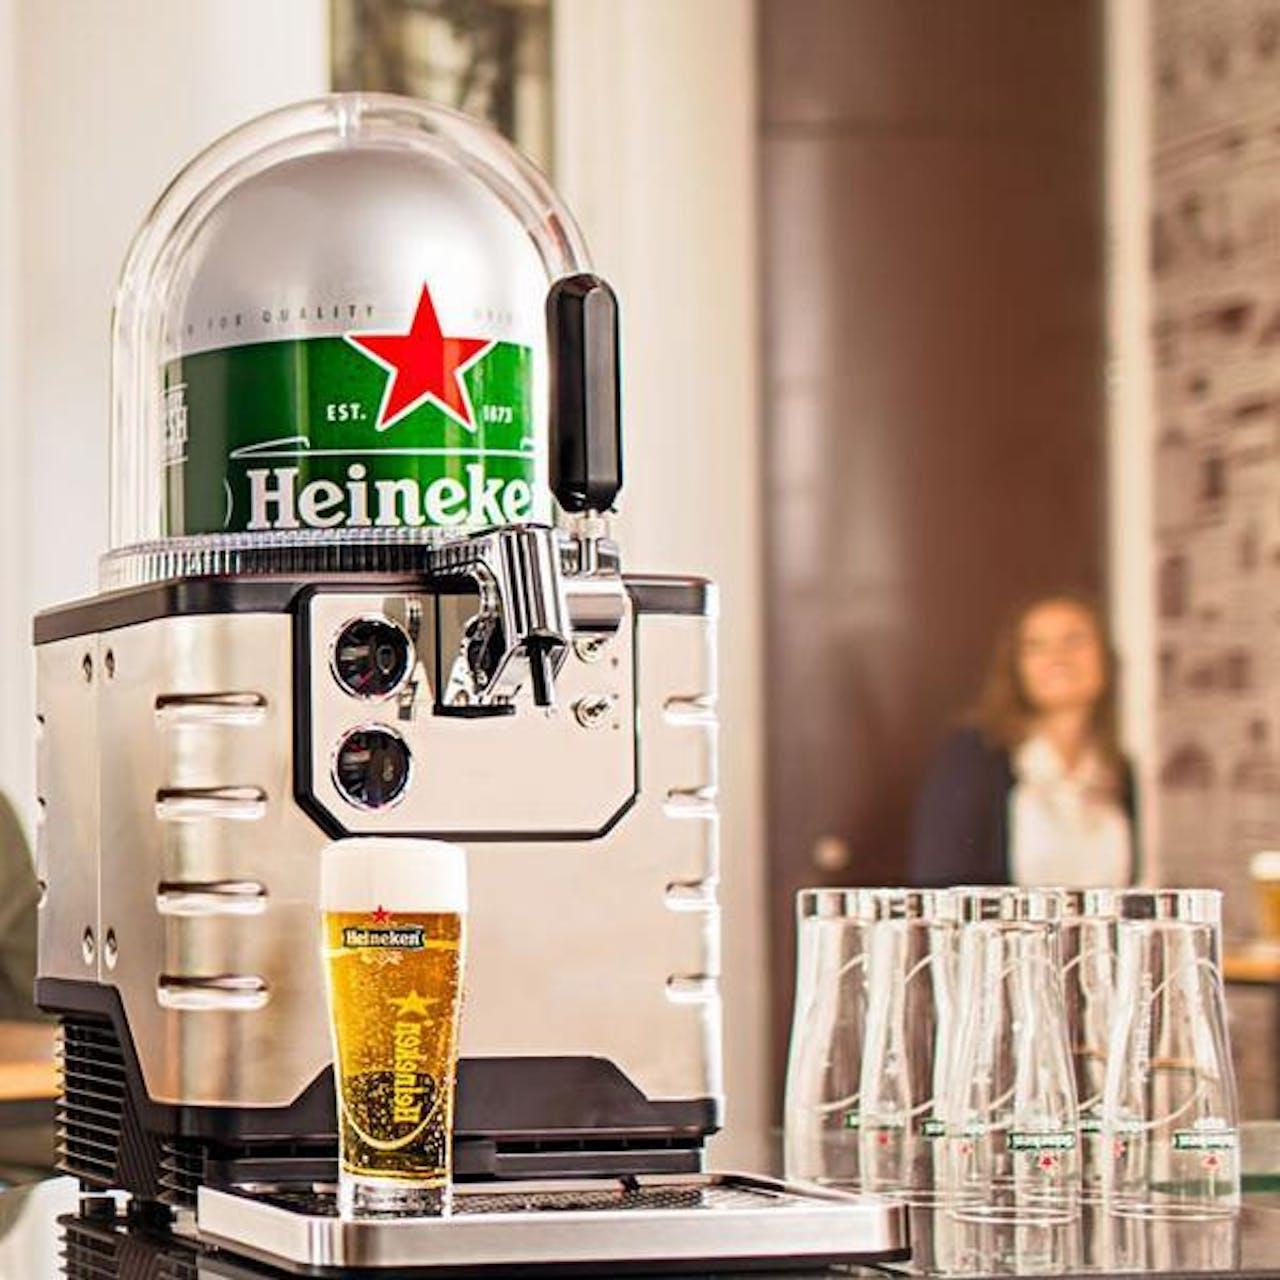 De Heineken BLADE in de 'gewone' uitvoering. De Connected BLADE is straks voorzien van een QR-code.